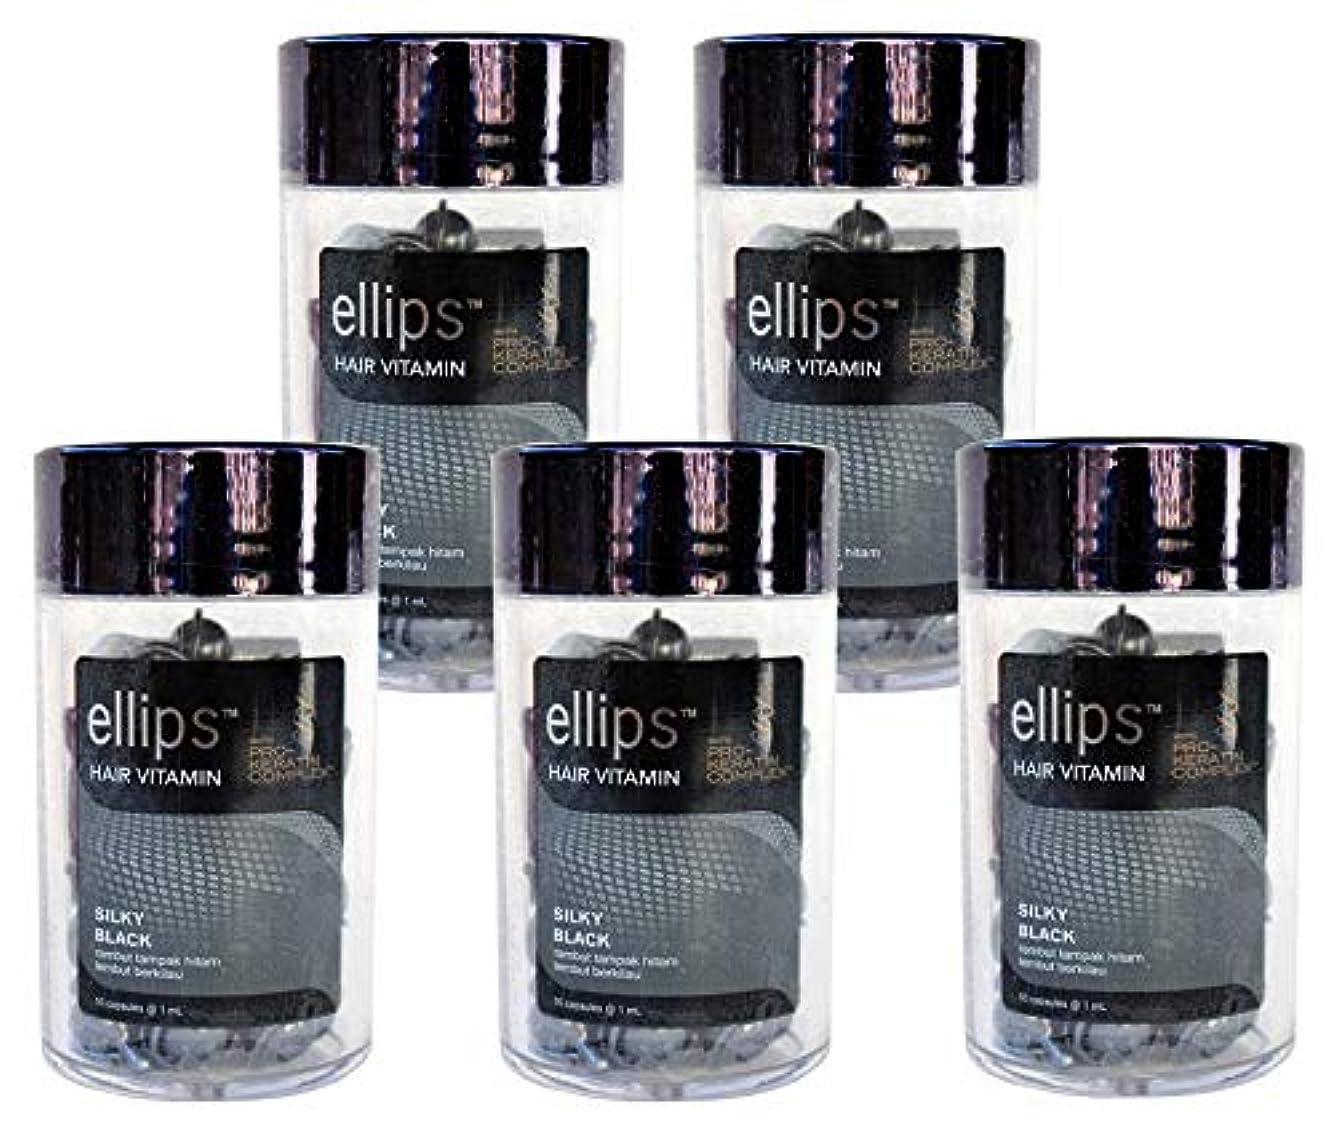 セマフォもし抵抗するellips エリップス ヘアビタミン プロケラチンコンプレックス配合 50粒入り 5本セット (ブラック) [並行輸入品]